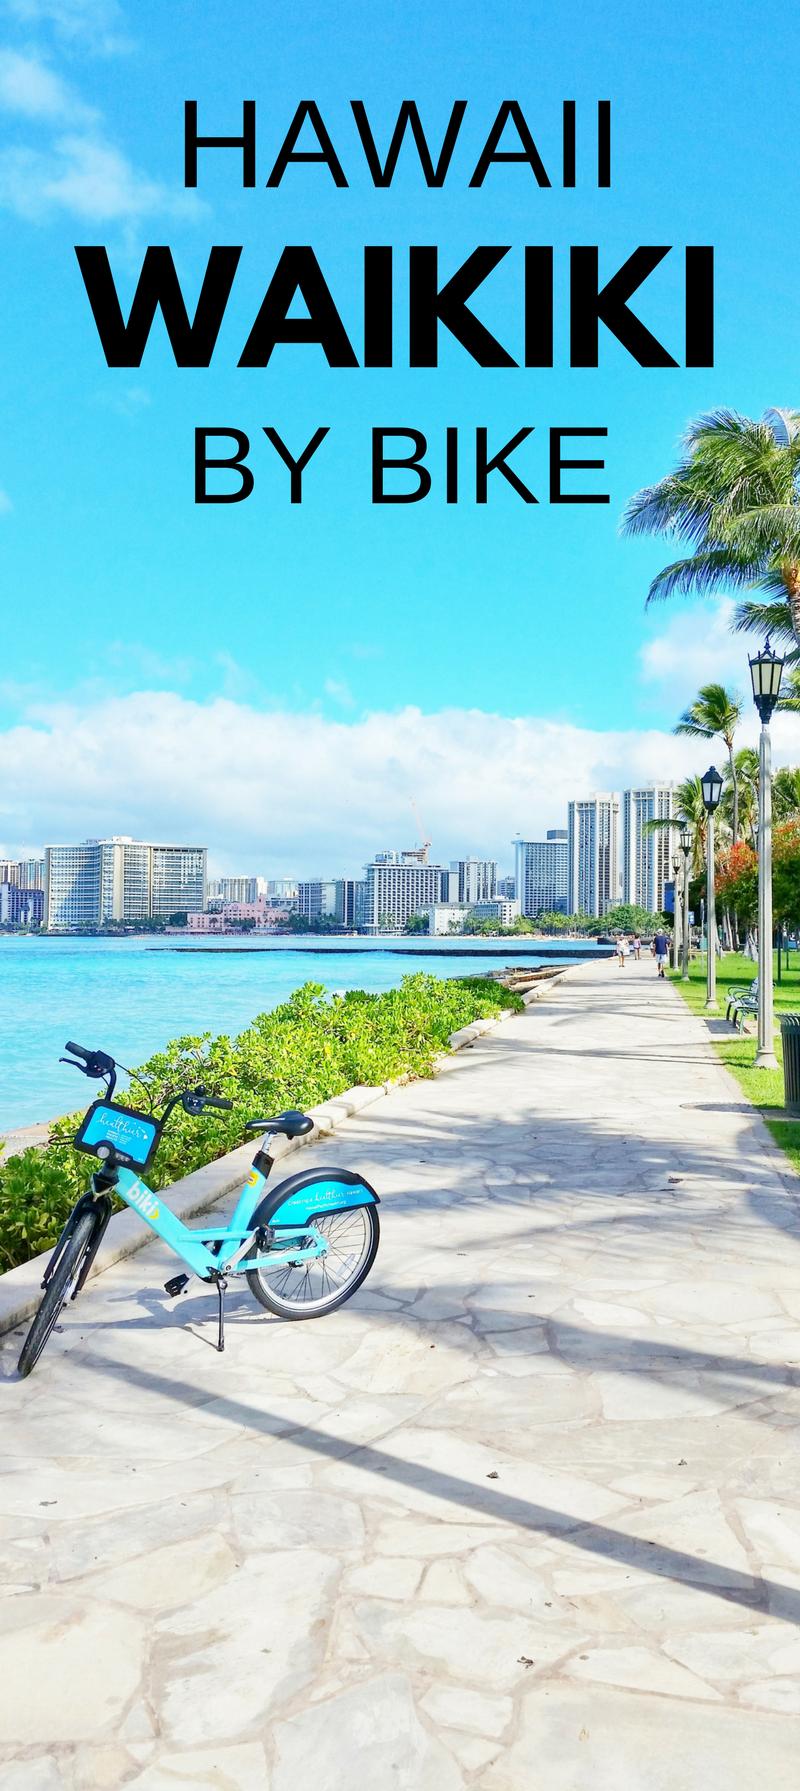 Waikiki Biking Bike rentals in Waikiki with bike sharing